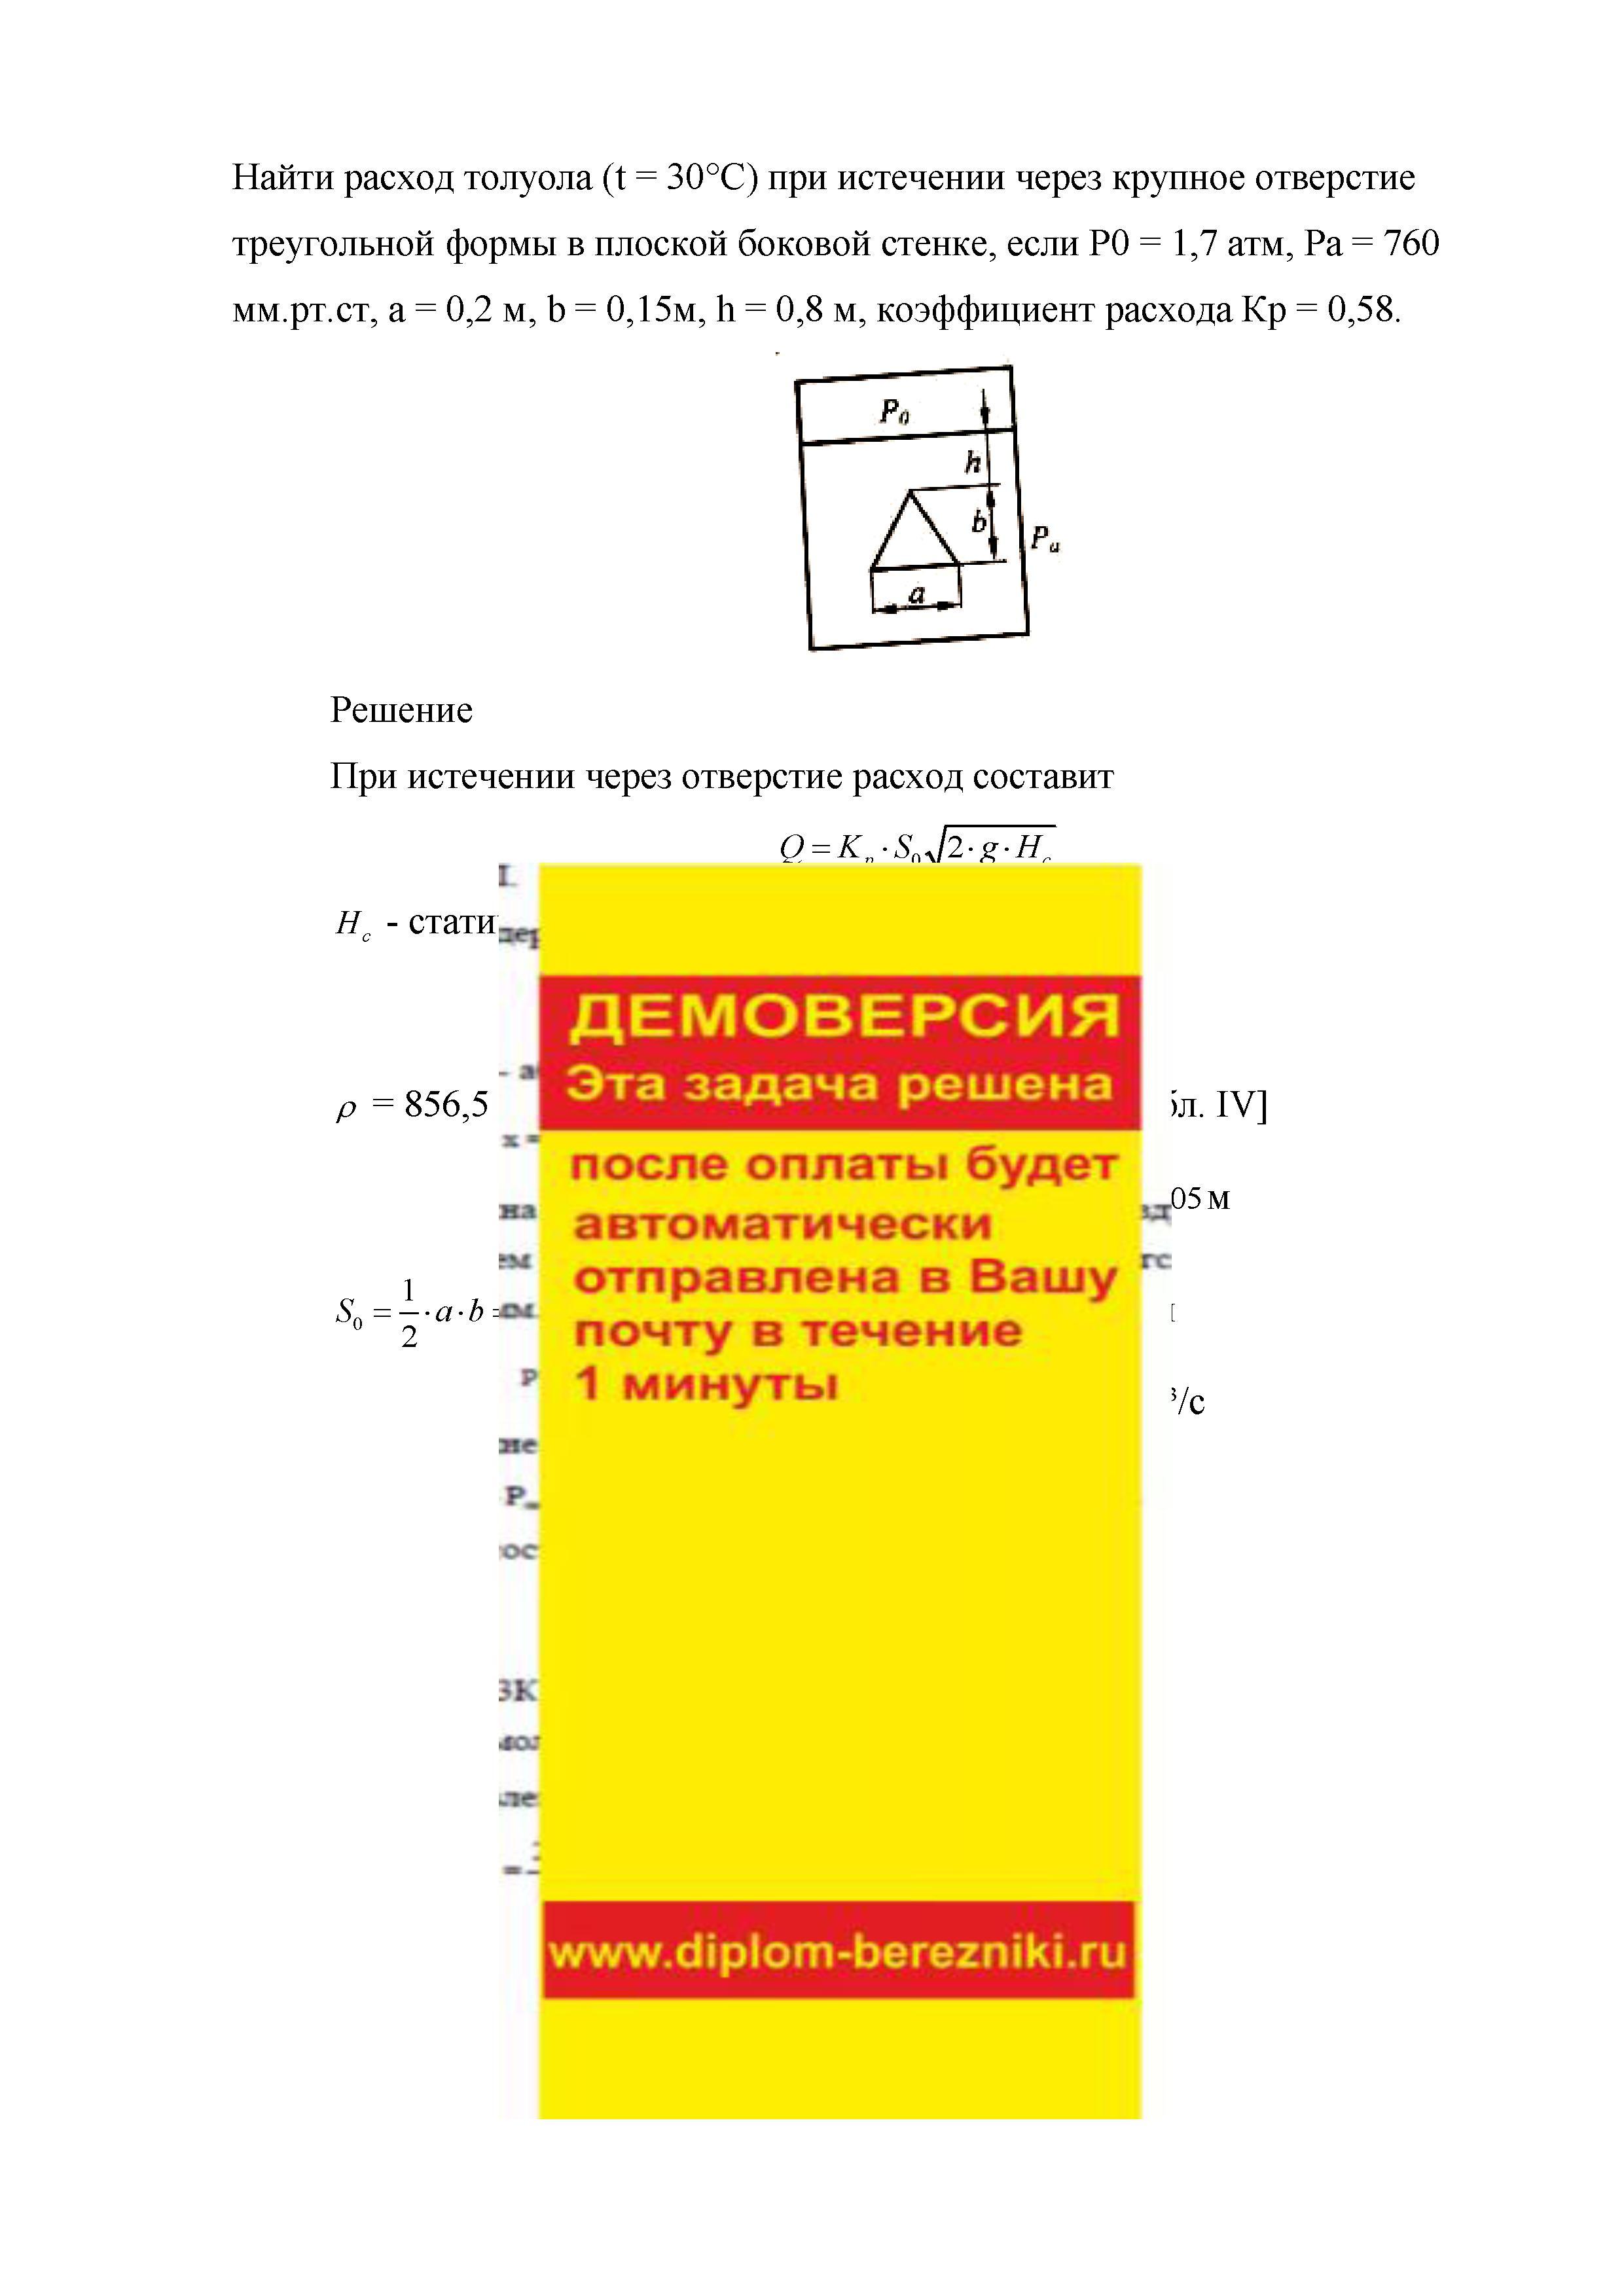 Найти расход толуола  t = 30 при истечении через крупное отверстие треугольной формы в плоской боковой стенке, если Р0 = 1,7 атм, Ра = 760 мм.рт.ст, а = 0,2 м, b = 0,15м, h = 0,8 м, коэффициент расхода Кр = 0,58.